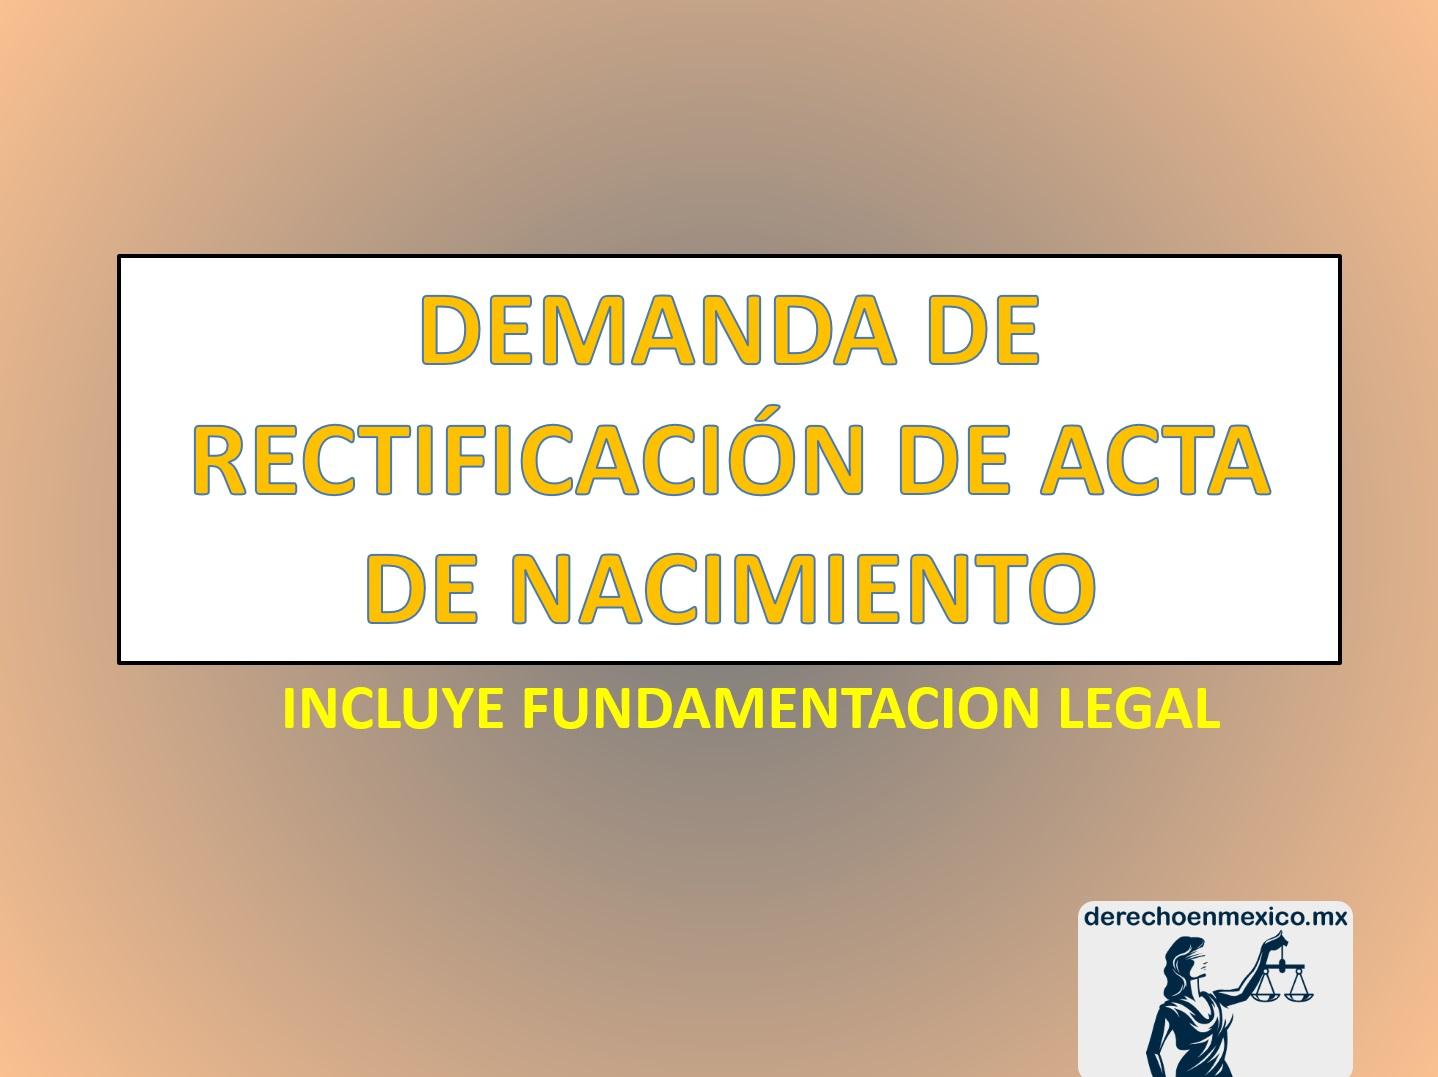 DEMANDA DE RECTIFICACIÓN DE ACTA DE NACIMIENTO - derechoenmexico.mx